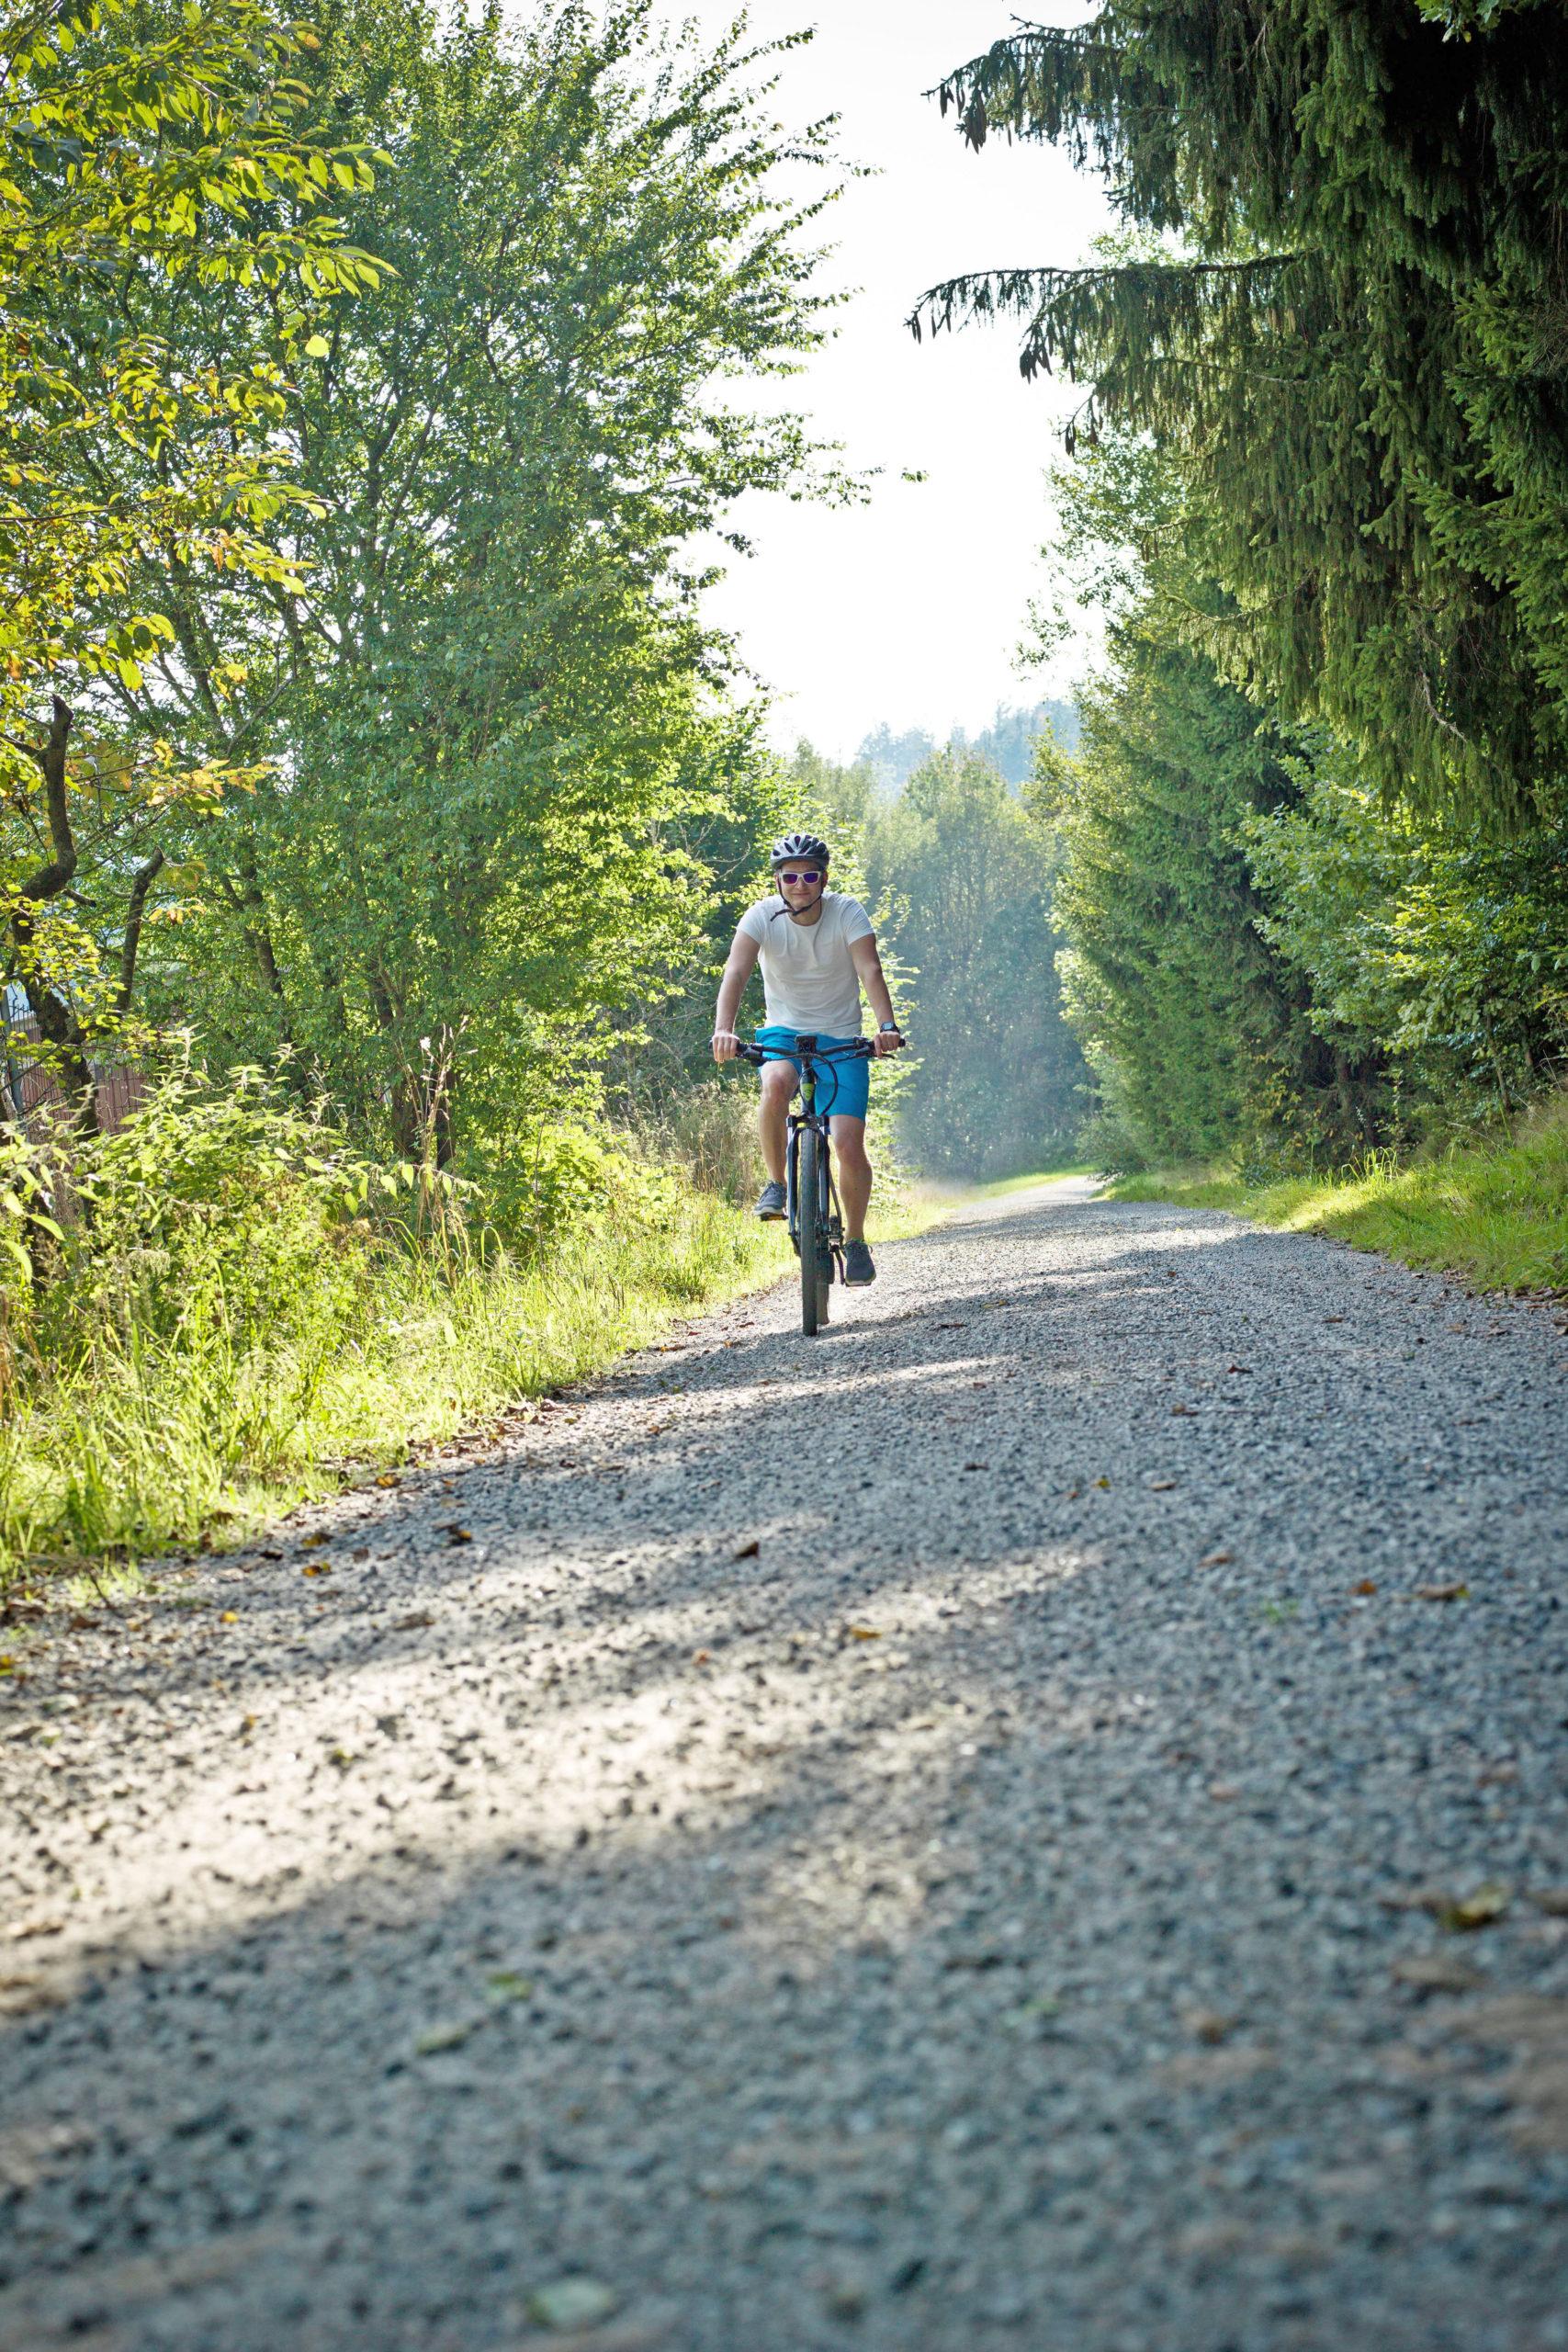 Radeln in der Natur - Mit dem Fahrrad durch den Urwald